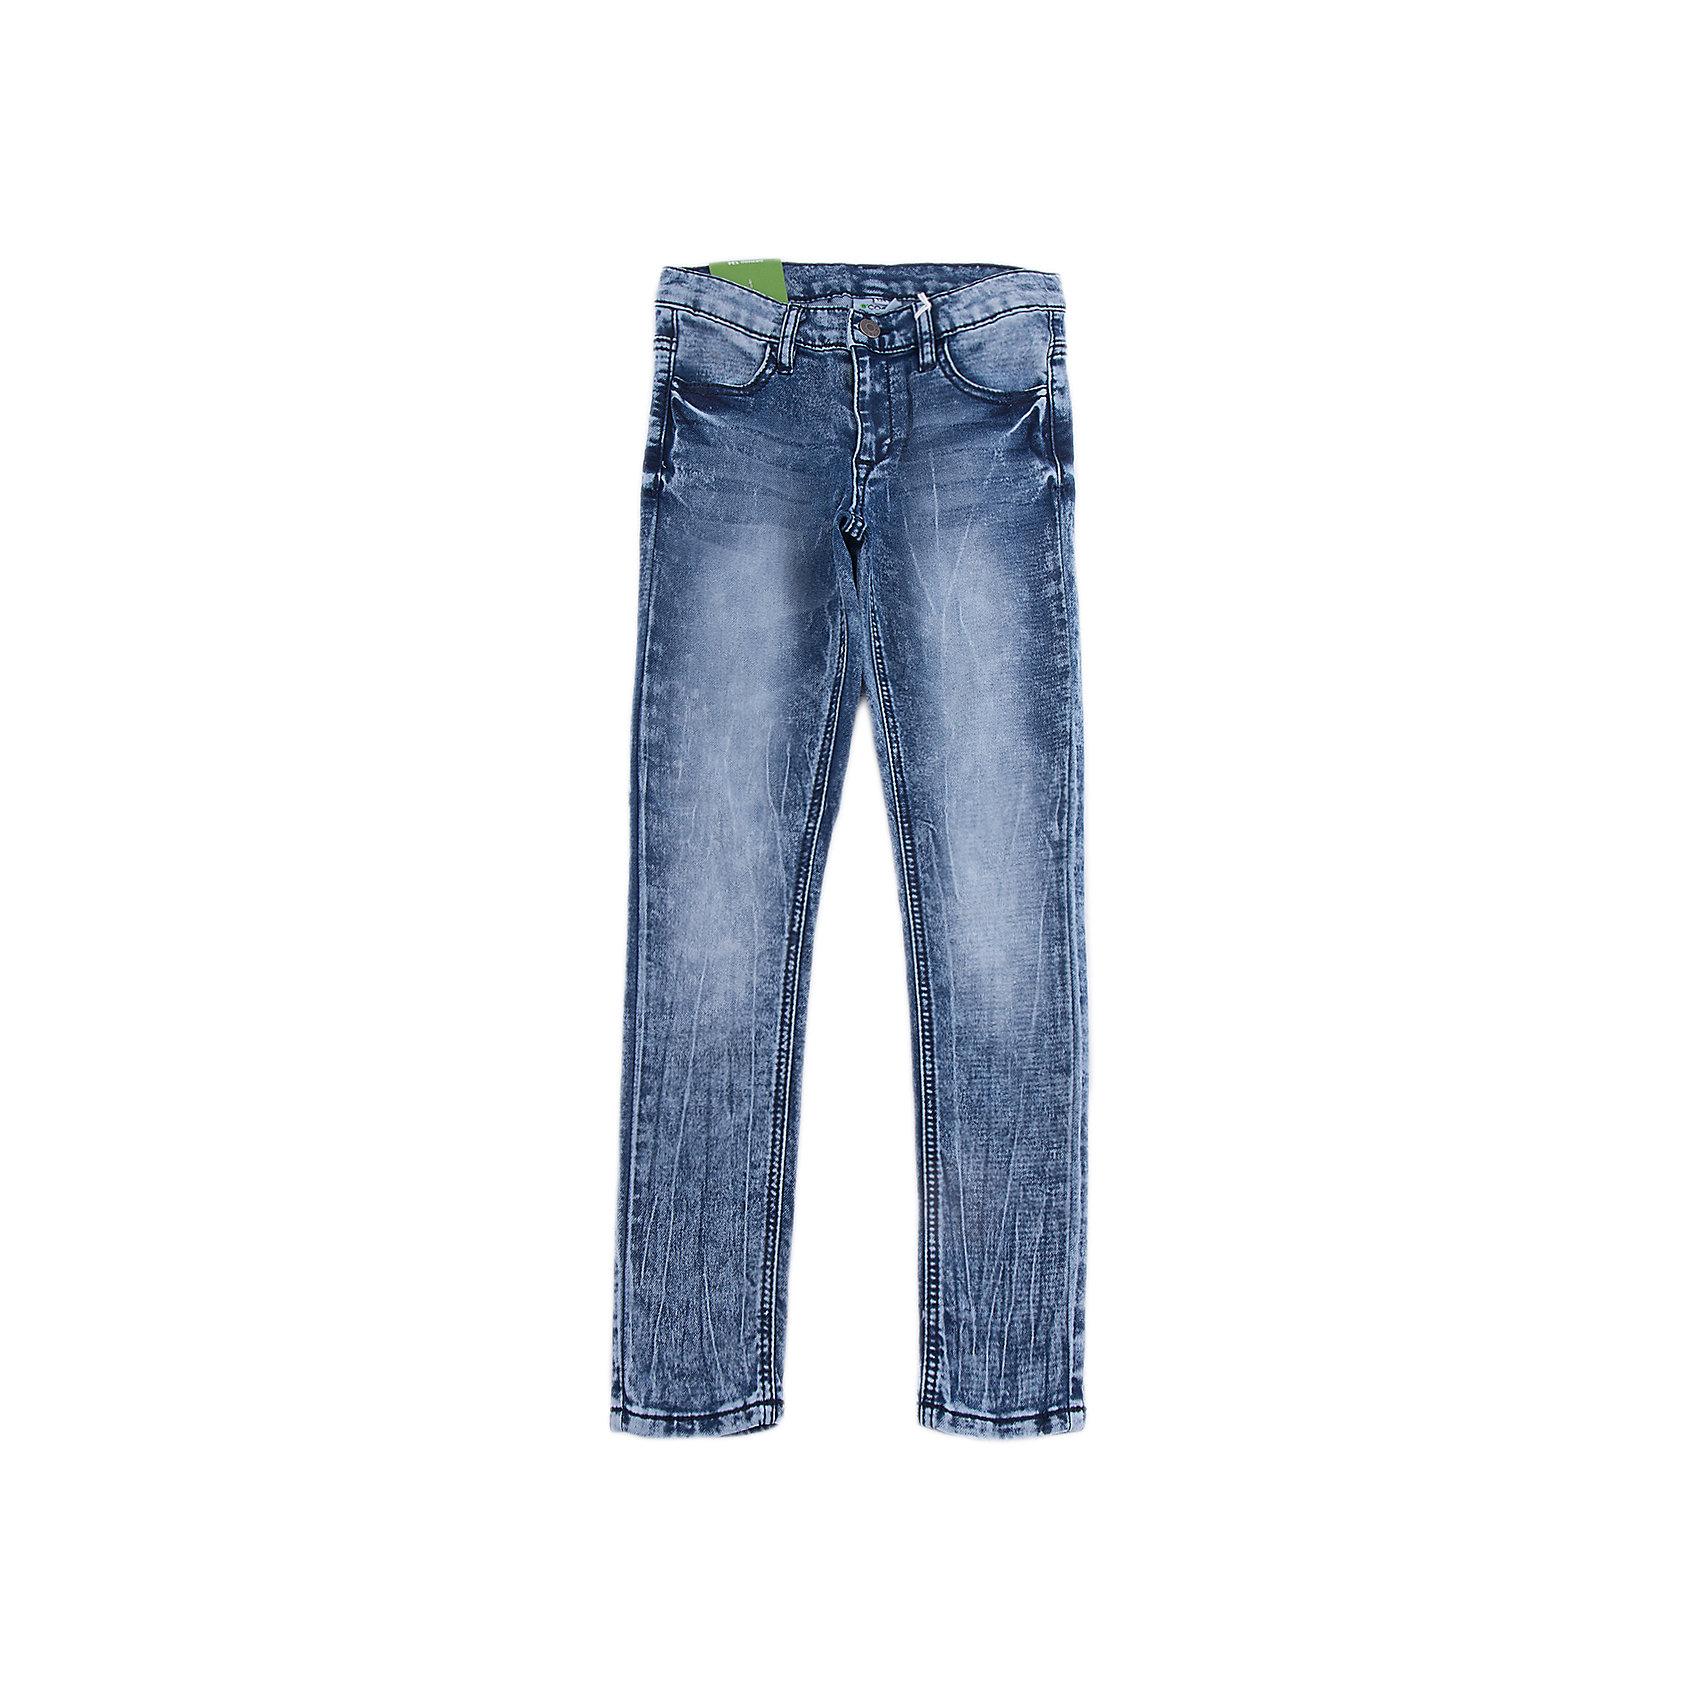 Джинсы Scool для девочкиДжинсы<br>Джинсы Scool для девочки<br>Брюки - джинсы из смесовой ткани с высоким содержанием хлопка. Классическая 5-ти карманная модель со шлевками. В качестве декора использованы потертости.<br>Состав:<br>55% хлопок, 43% полиэстер, 2% elastane<br><br>Ширина мм: 215<br>Глубина мм: 88<br>Высота мм: 191<br>Вес г: 336<br>Цвет: синий<br>Возраст от месяцев: 156<br>Возраст до месяцев: 168<br>Пол: Женский<br>Возраст: Детский<br>Размер: 164,134,140,146,152,158<br>SKU: 7105659